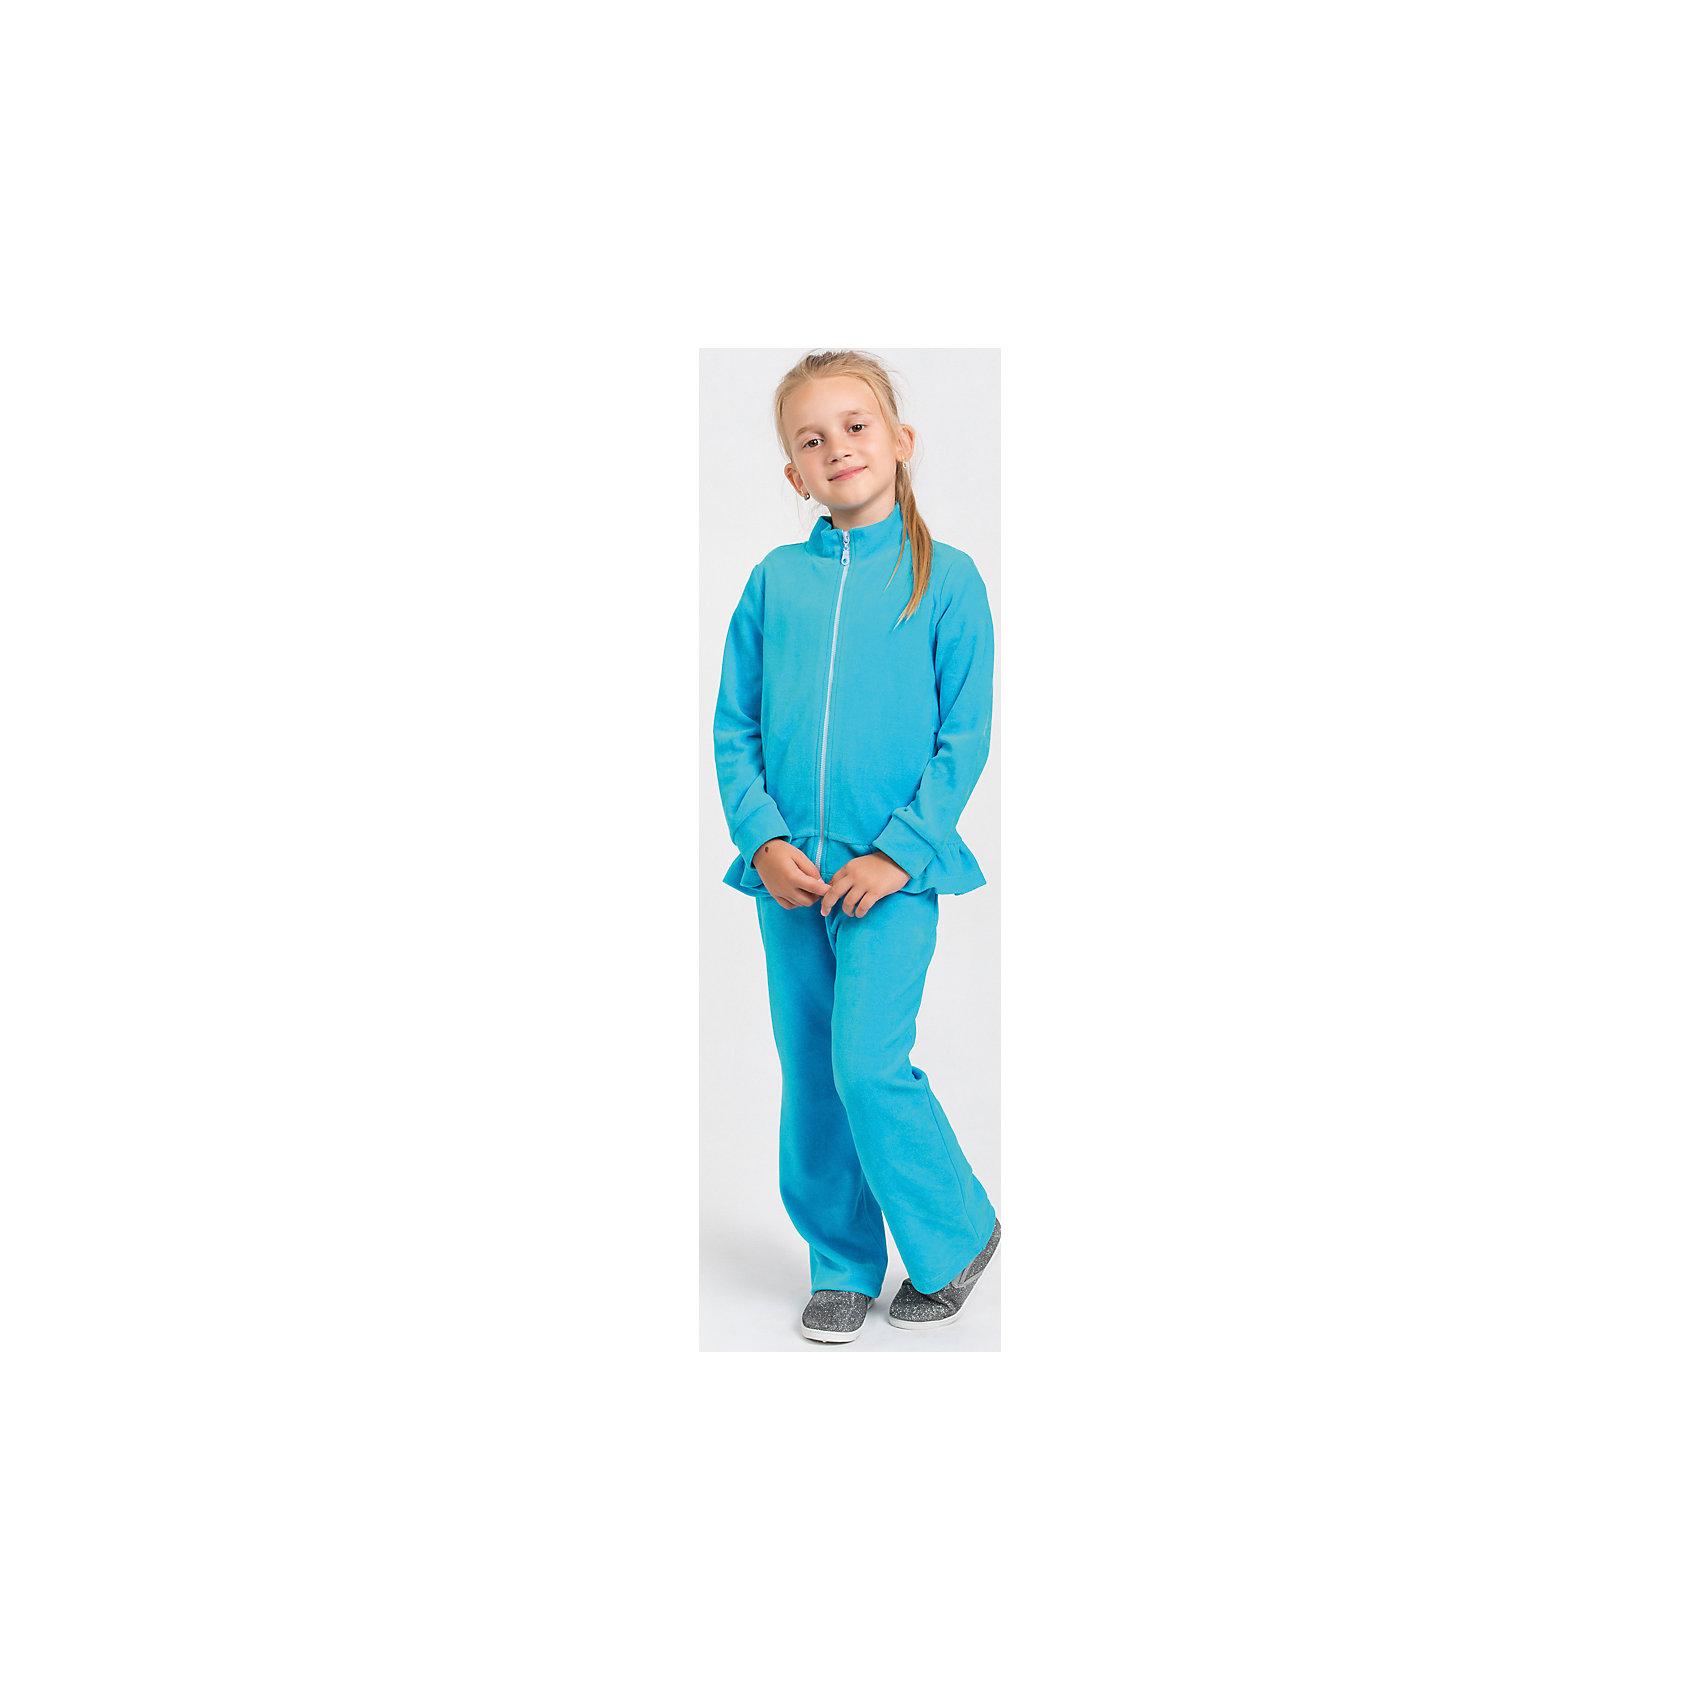 Спортивный костюм для девочкиСпортивный костюм для девочки от белорусской марки Goldy. Костюм состоит из толстовки на молнии с капюшоном и брюк прямого кроя. Велюр.<br>Состав:<br>велюр (80% хлопок, 20% пэ)<br><br>Ширина мм: 247<br>Глубина мм: 16<br>Высота мм: 140<br>Вес г: 225<br>Цвет: голубой<br>Возраст от месяцев: 24<br>Возраст до месяцев: 36<br>Пол: Женский<br>Возраст: Детский<br>Размер: 98,104,110,116,122,92<br>SKU: 4921236